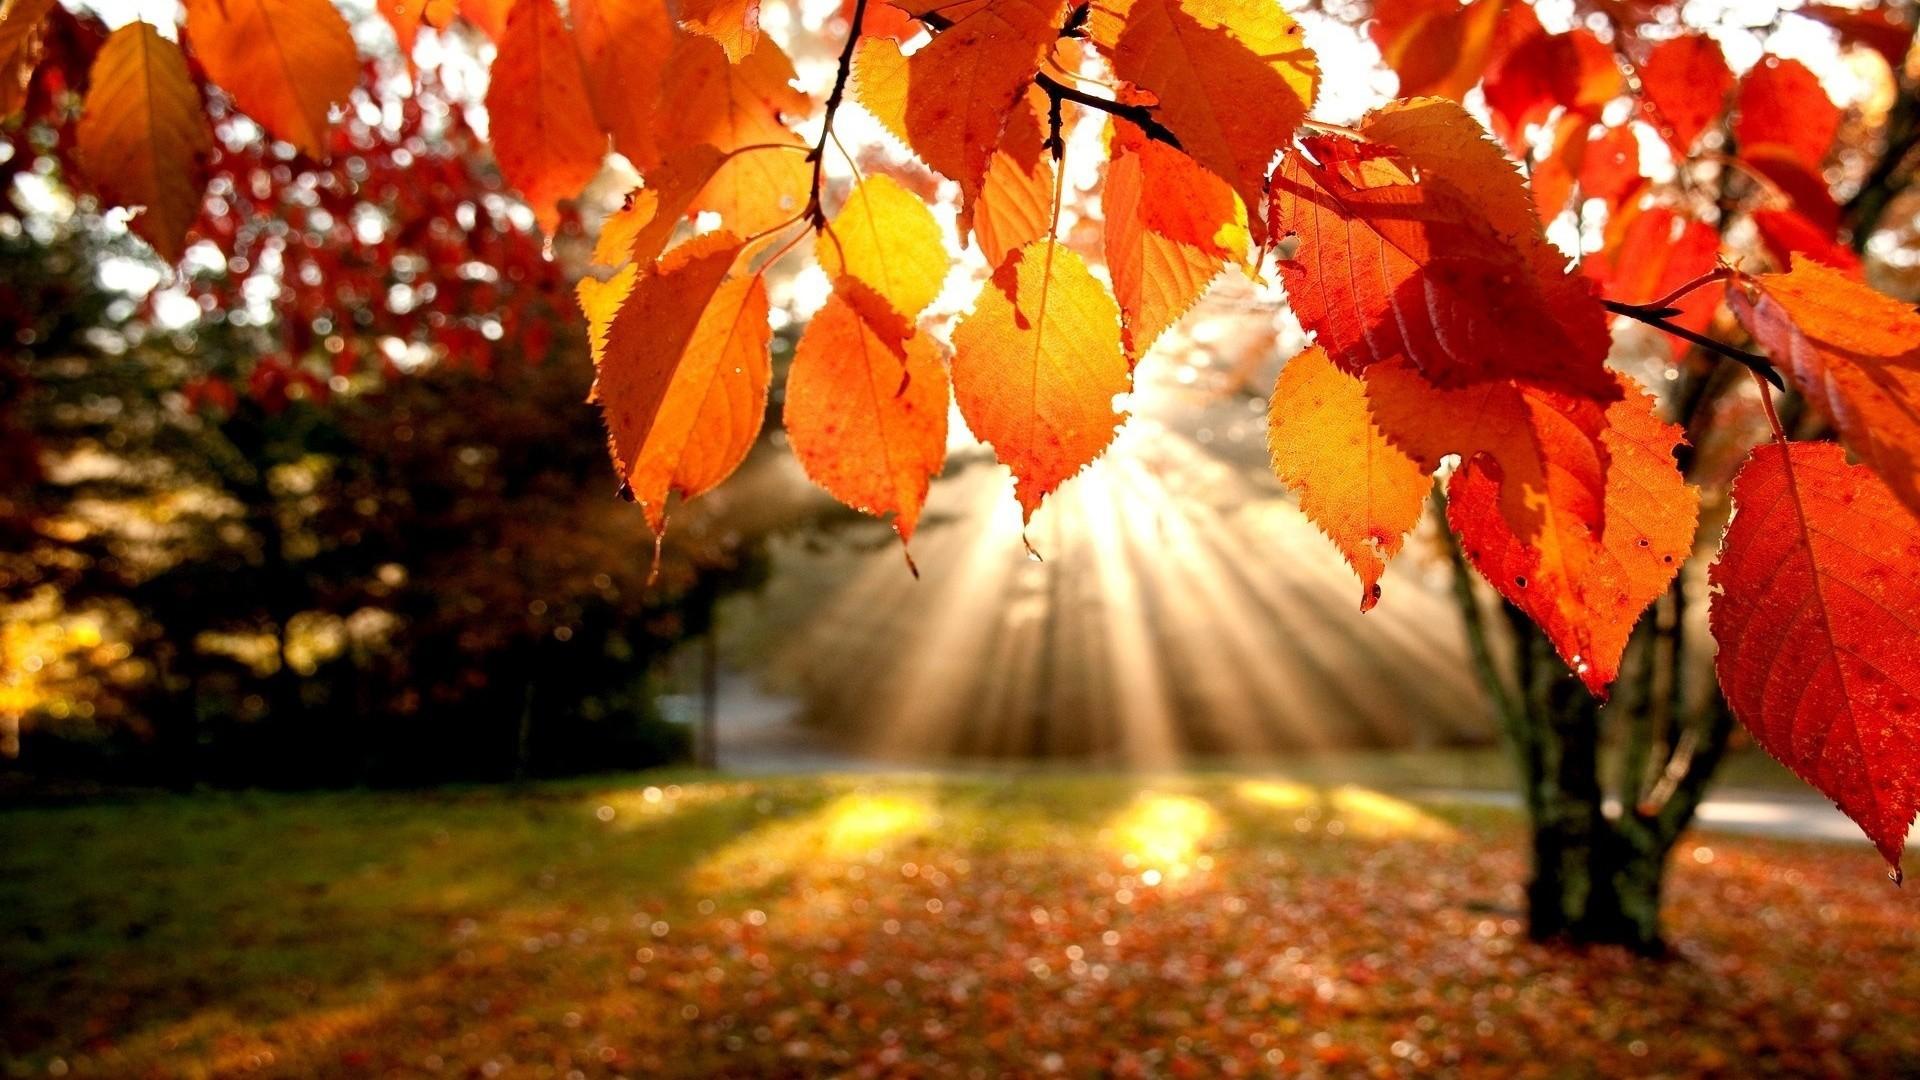 Autumn Leaves Desktop Wallpaper 57 images 1920x1080